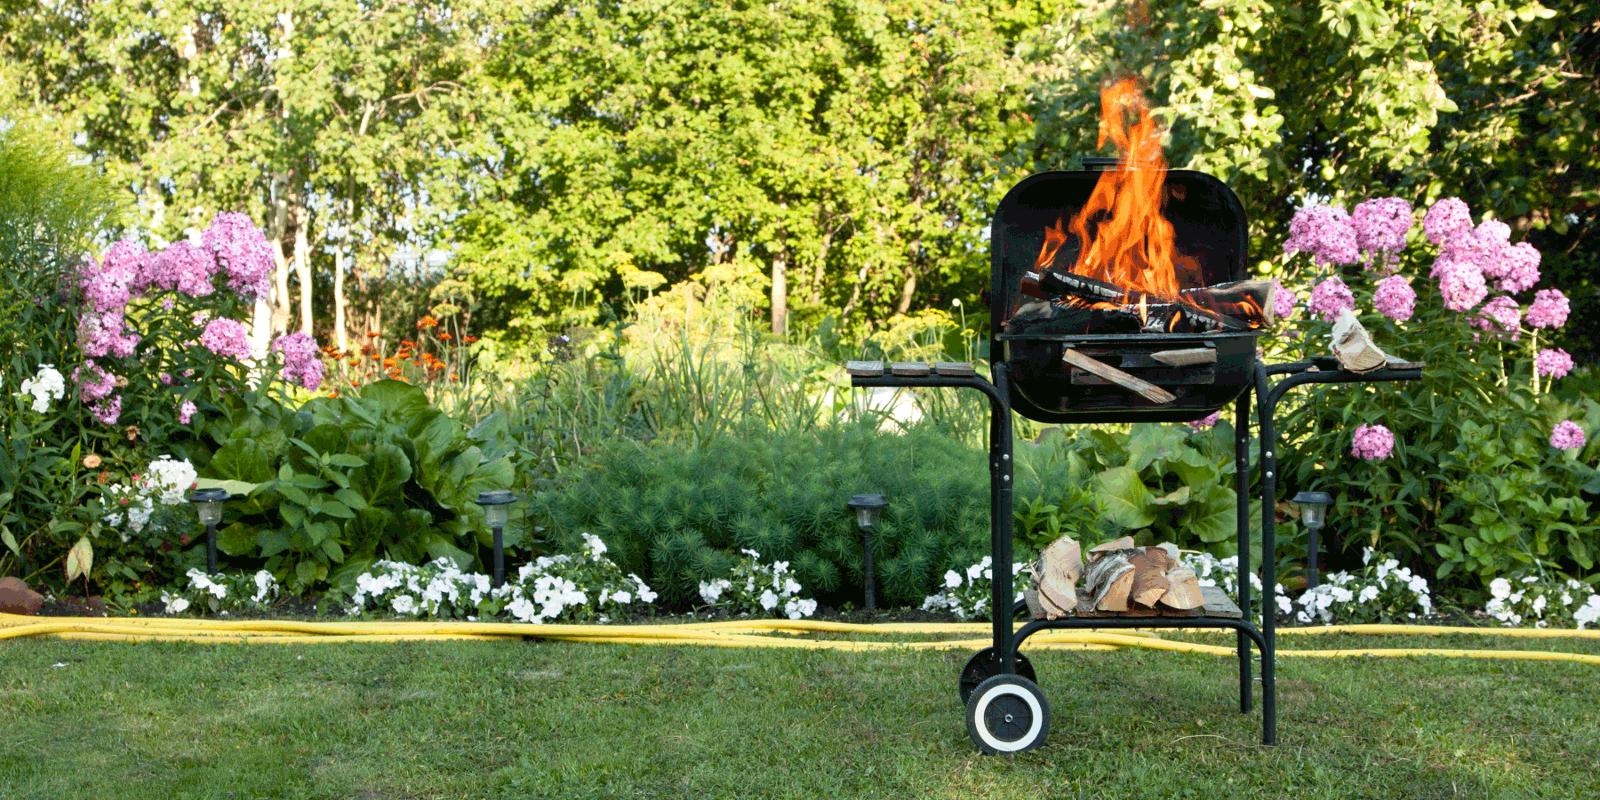 Grill und Garten